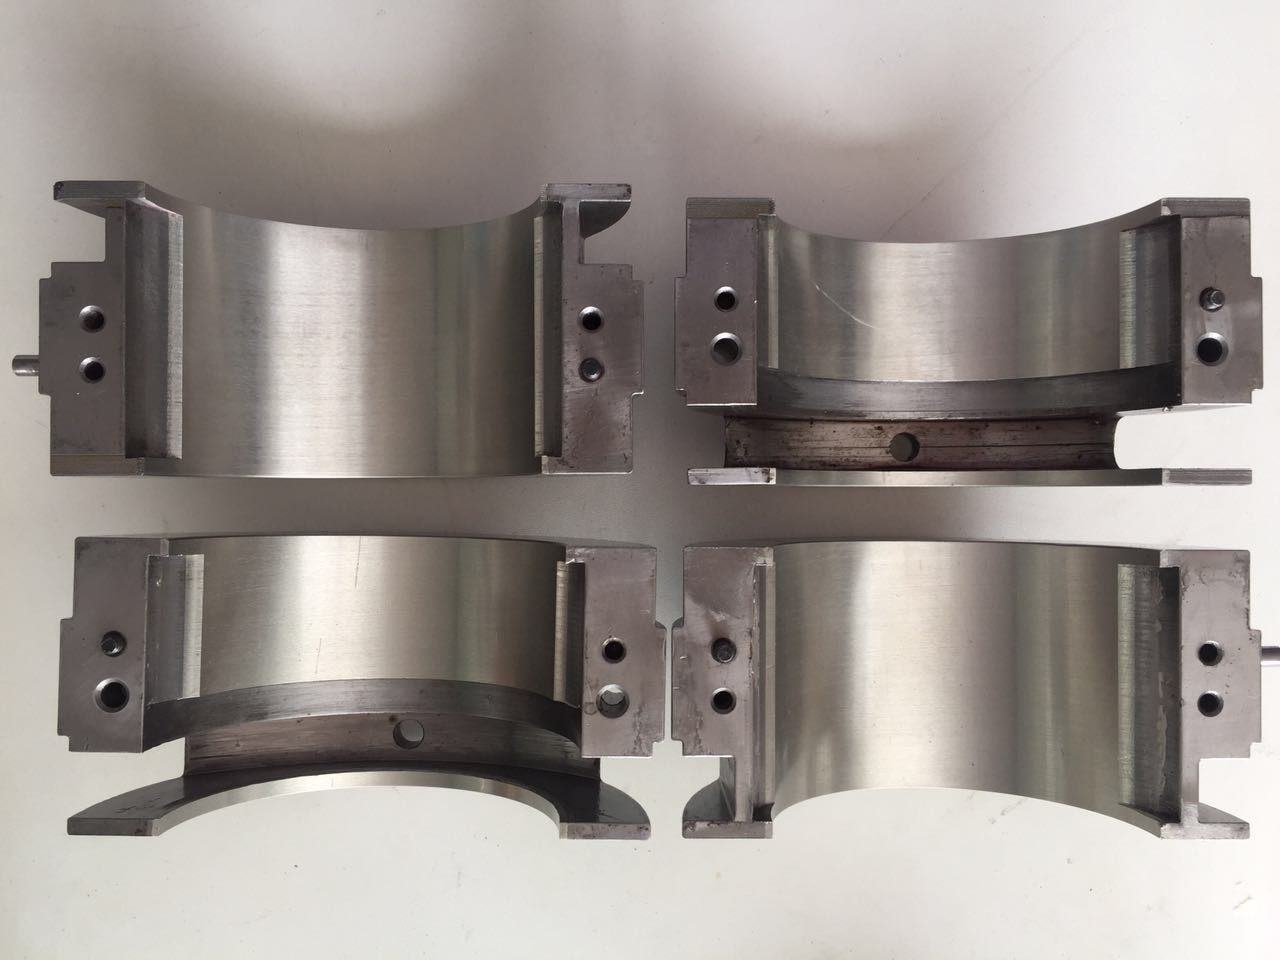 苏州虎伏为各规格高速电机轴瓦提供专业的焊接修复